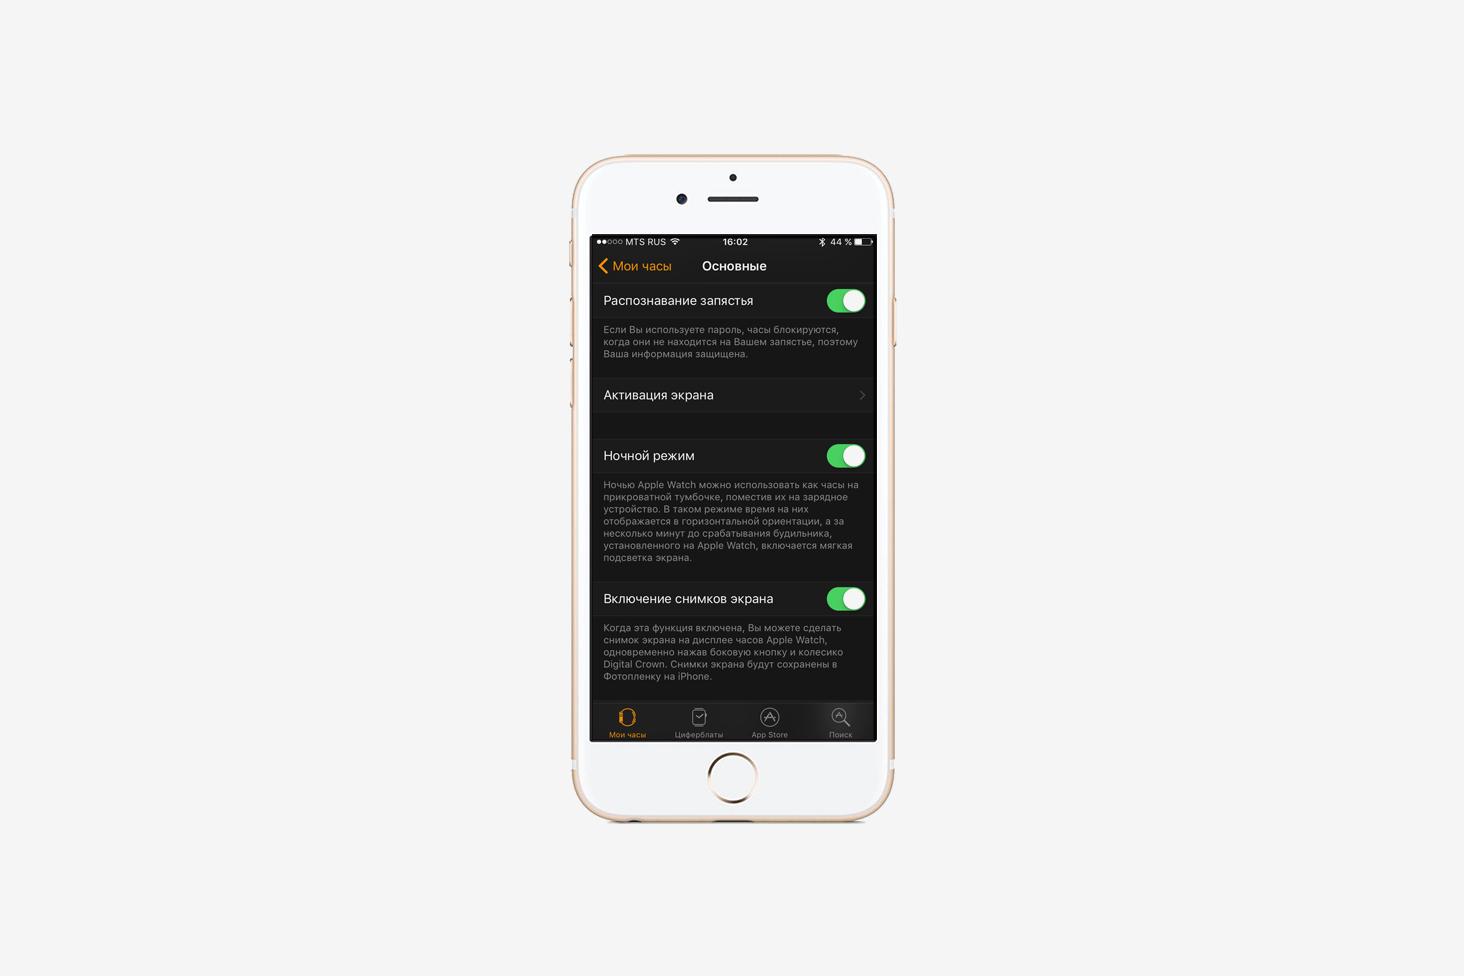 Скрытые возможности Apple Watch - Афиша Daily 5e1e4e065aa59